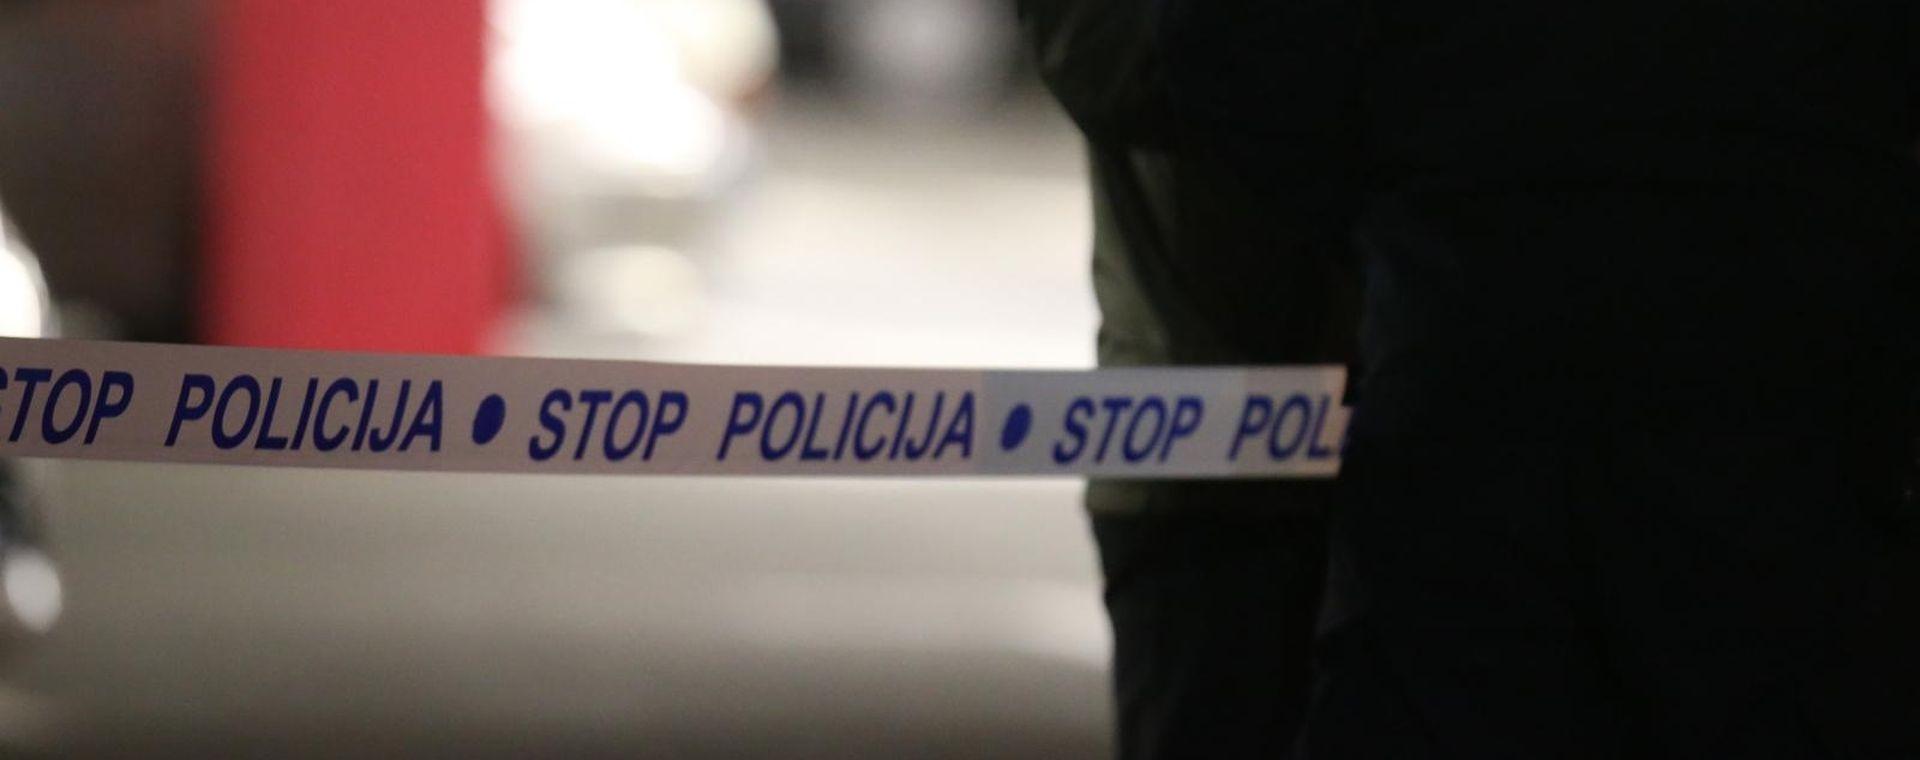 PRVO PUCAO U ZRAK Oružana pljačka mjenjačnice na Borongaju